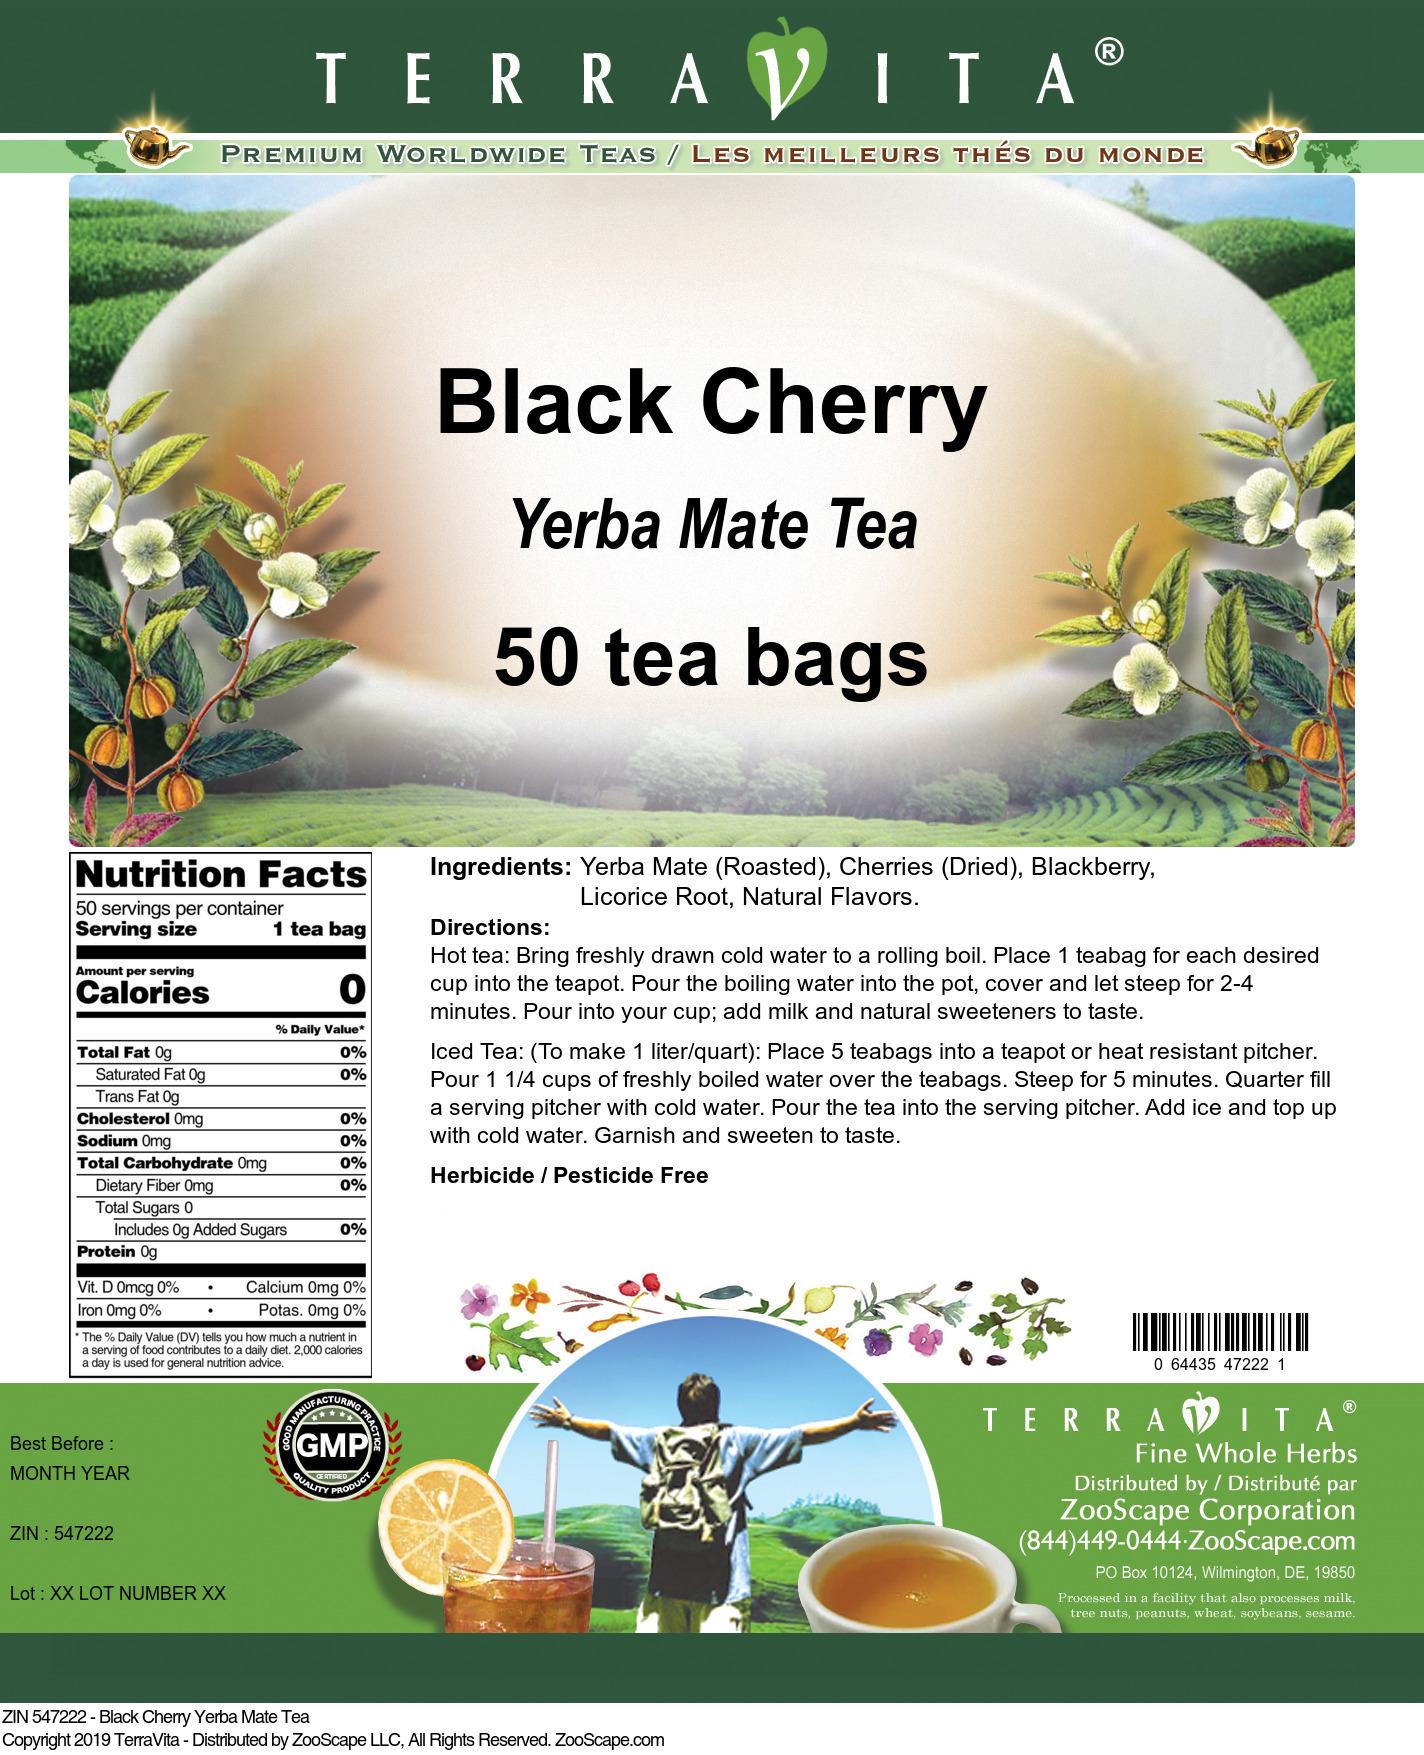 Black Cherry Yerba Mate